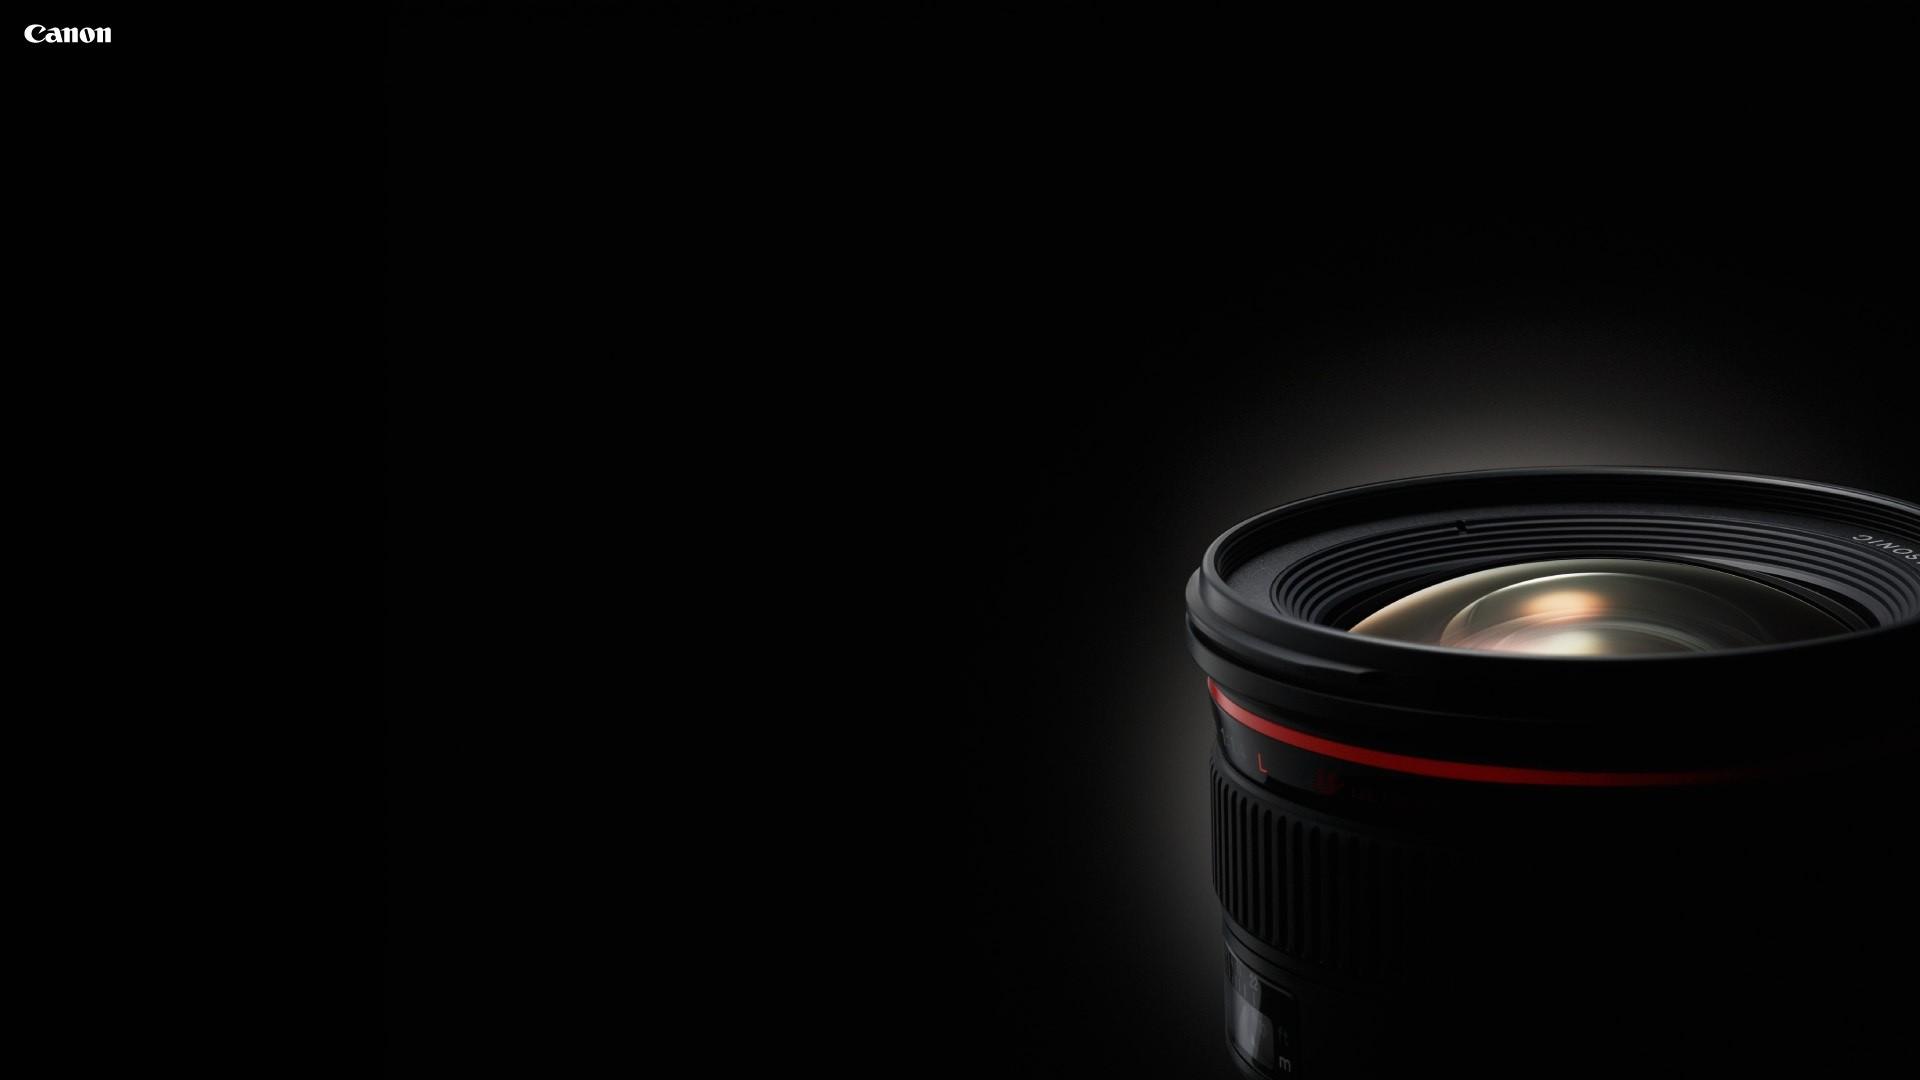 Canon Black Wallpaper 1920x1080 Canon Black Background 1920x1080